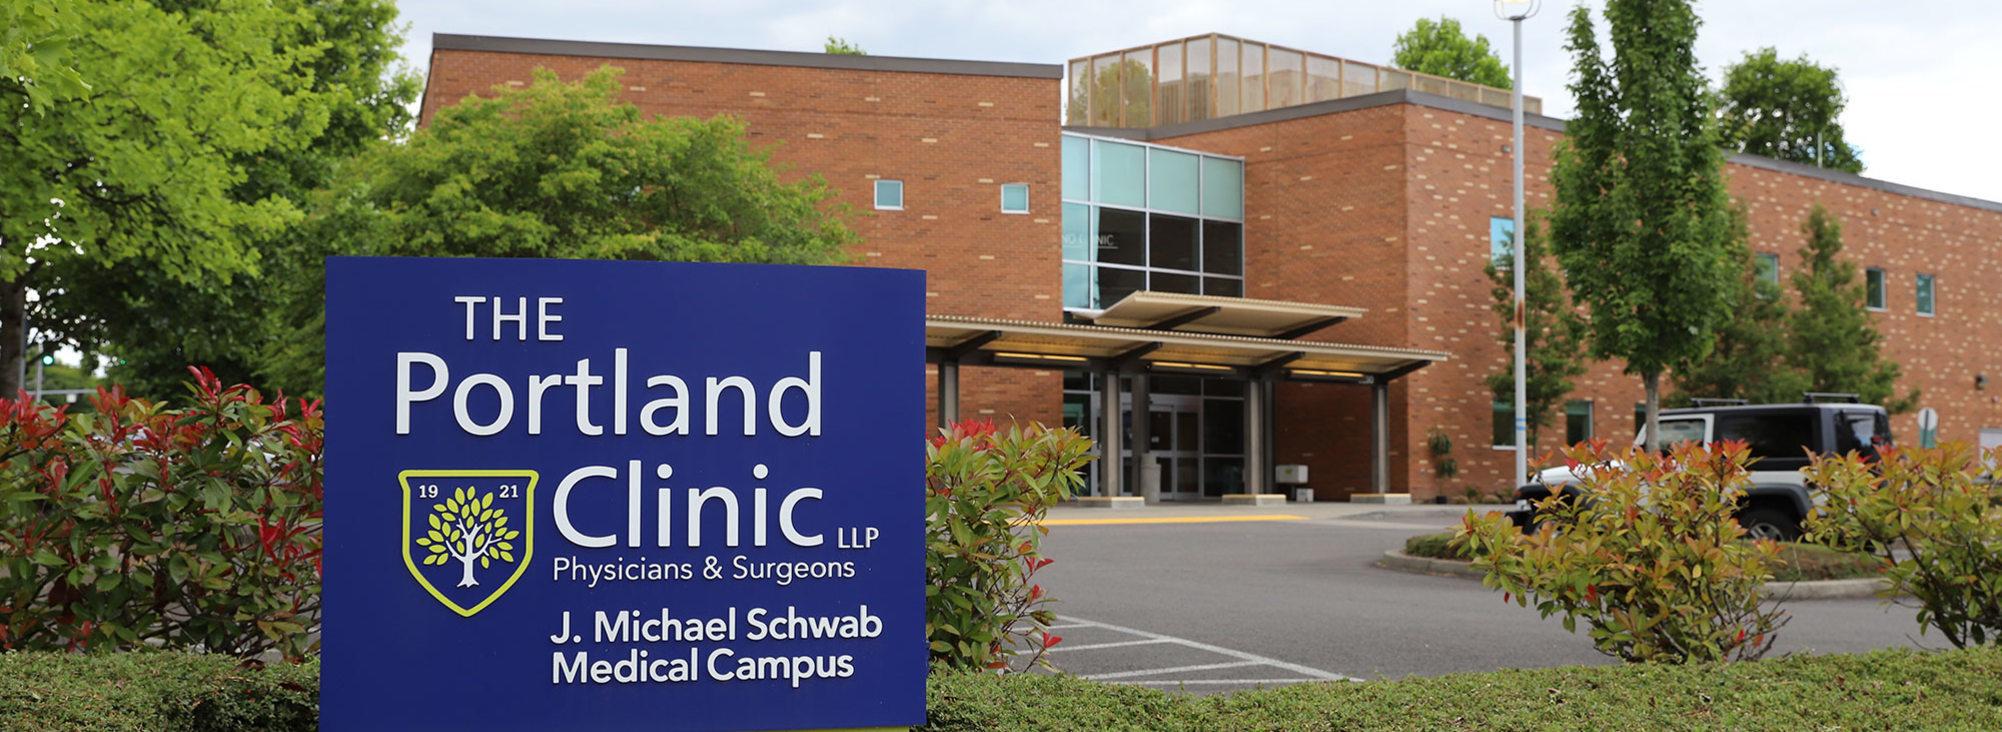 una de las clinicas de The Portland Clinic